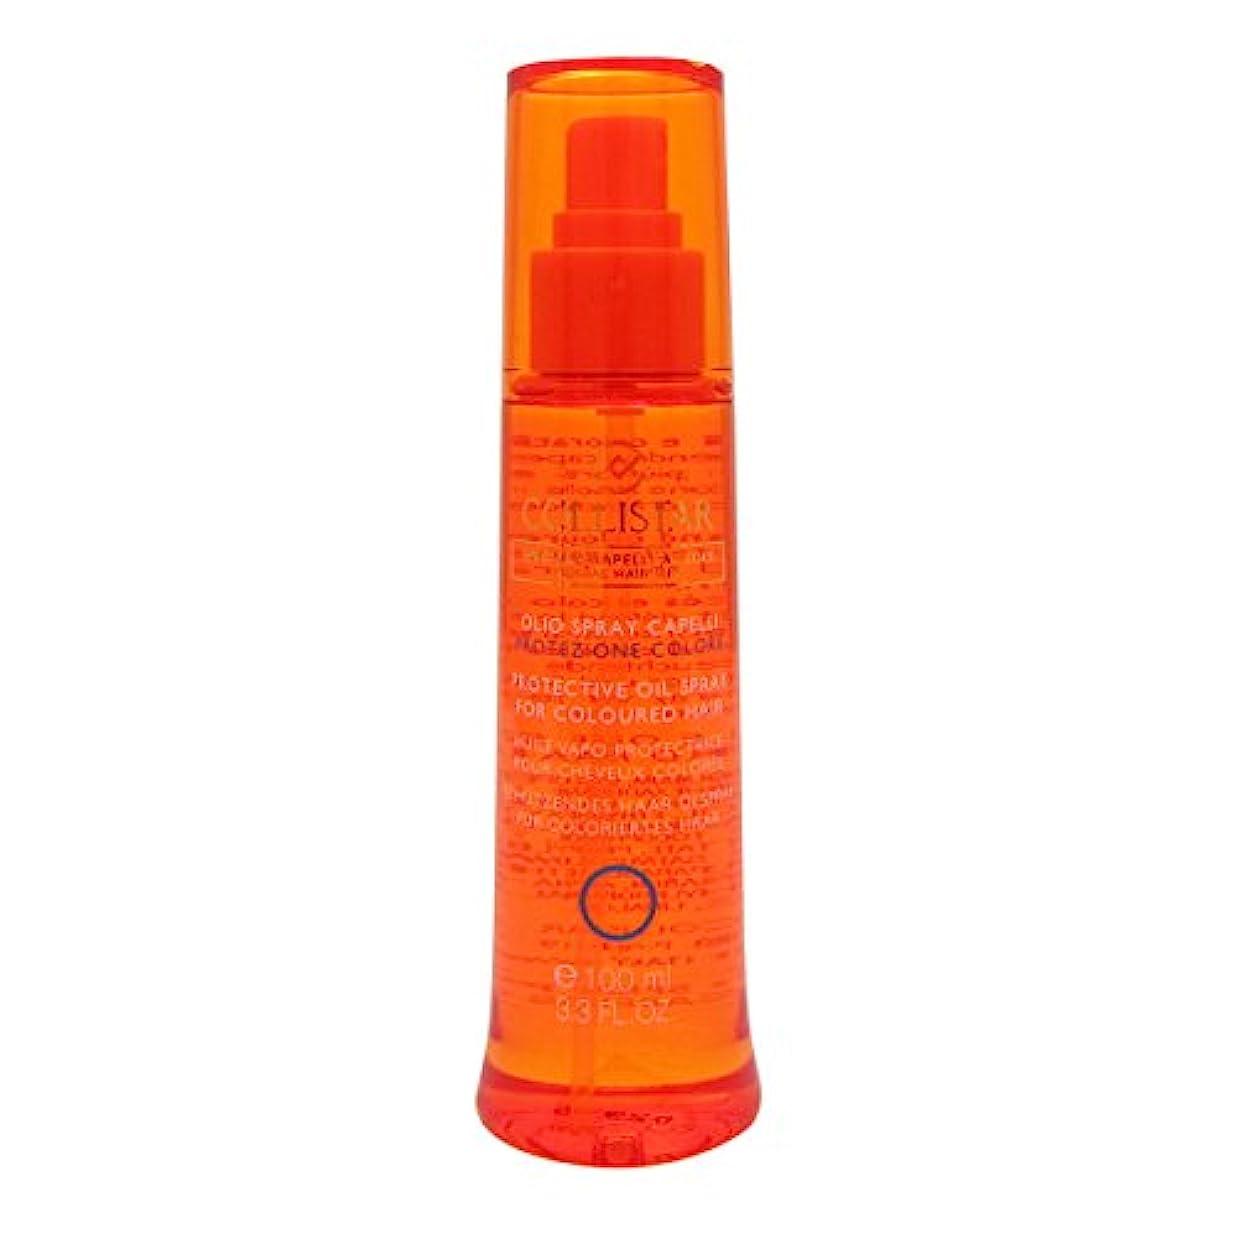 Collistar Hair Oil Spray Colour Protection 100ml [並行輸入品]